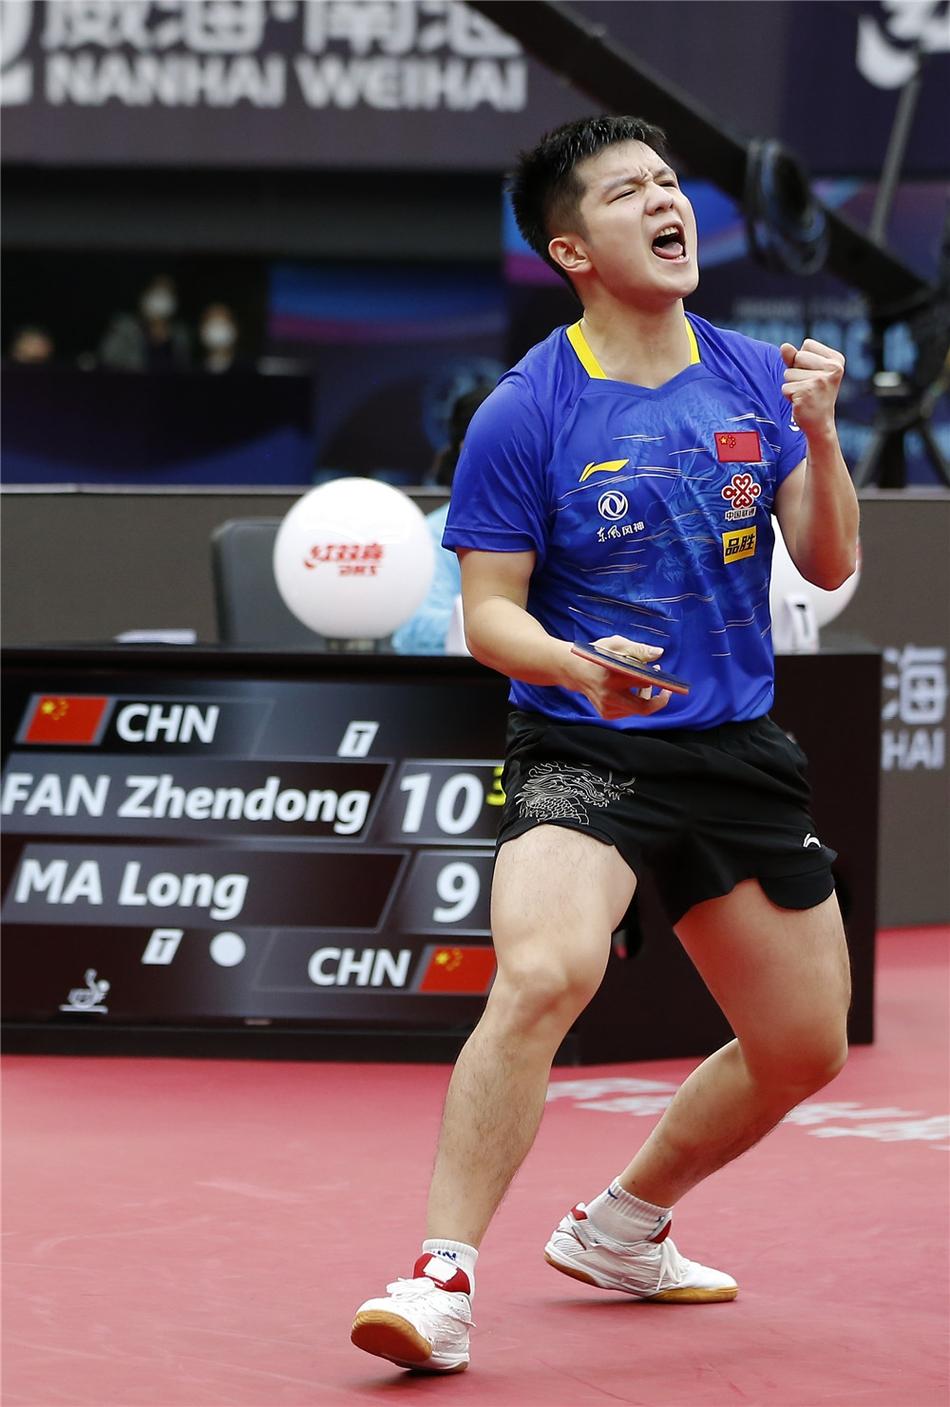 樊振东已经奠定了自己的绝对核心地位。